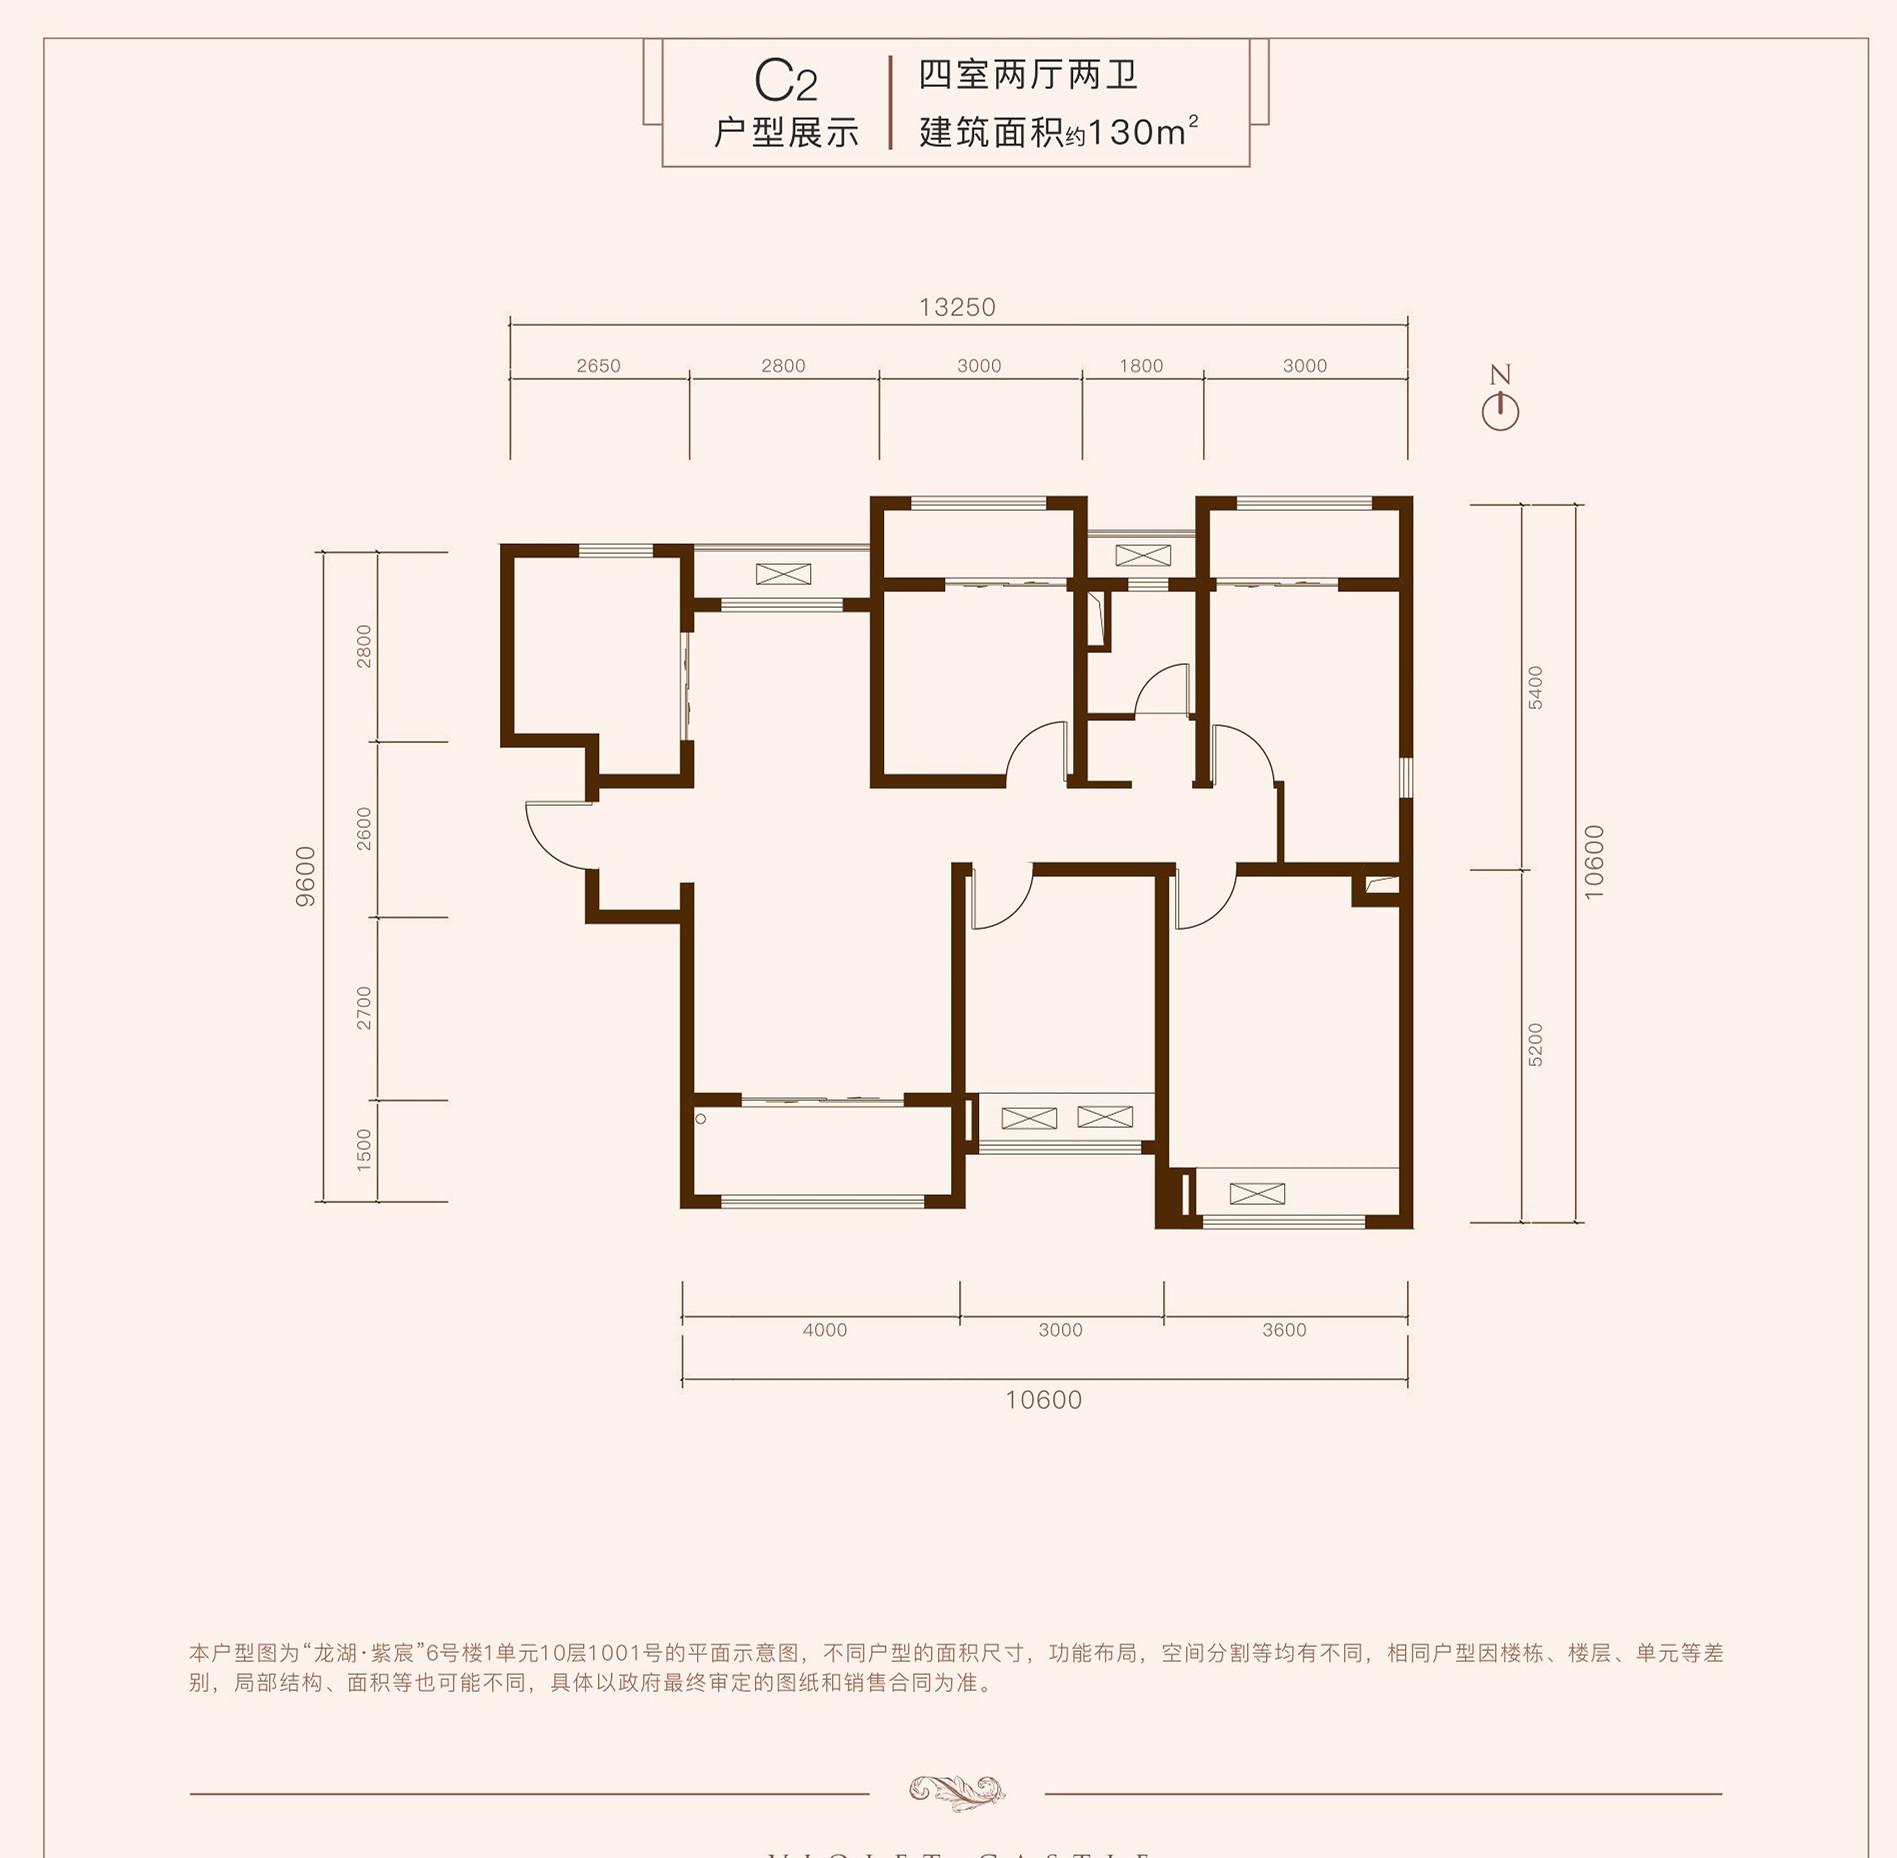 龙湖紫宸130㎡四室两厅两卫C2户型图